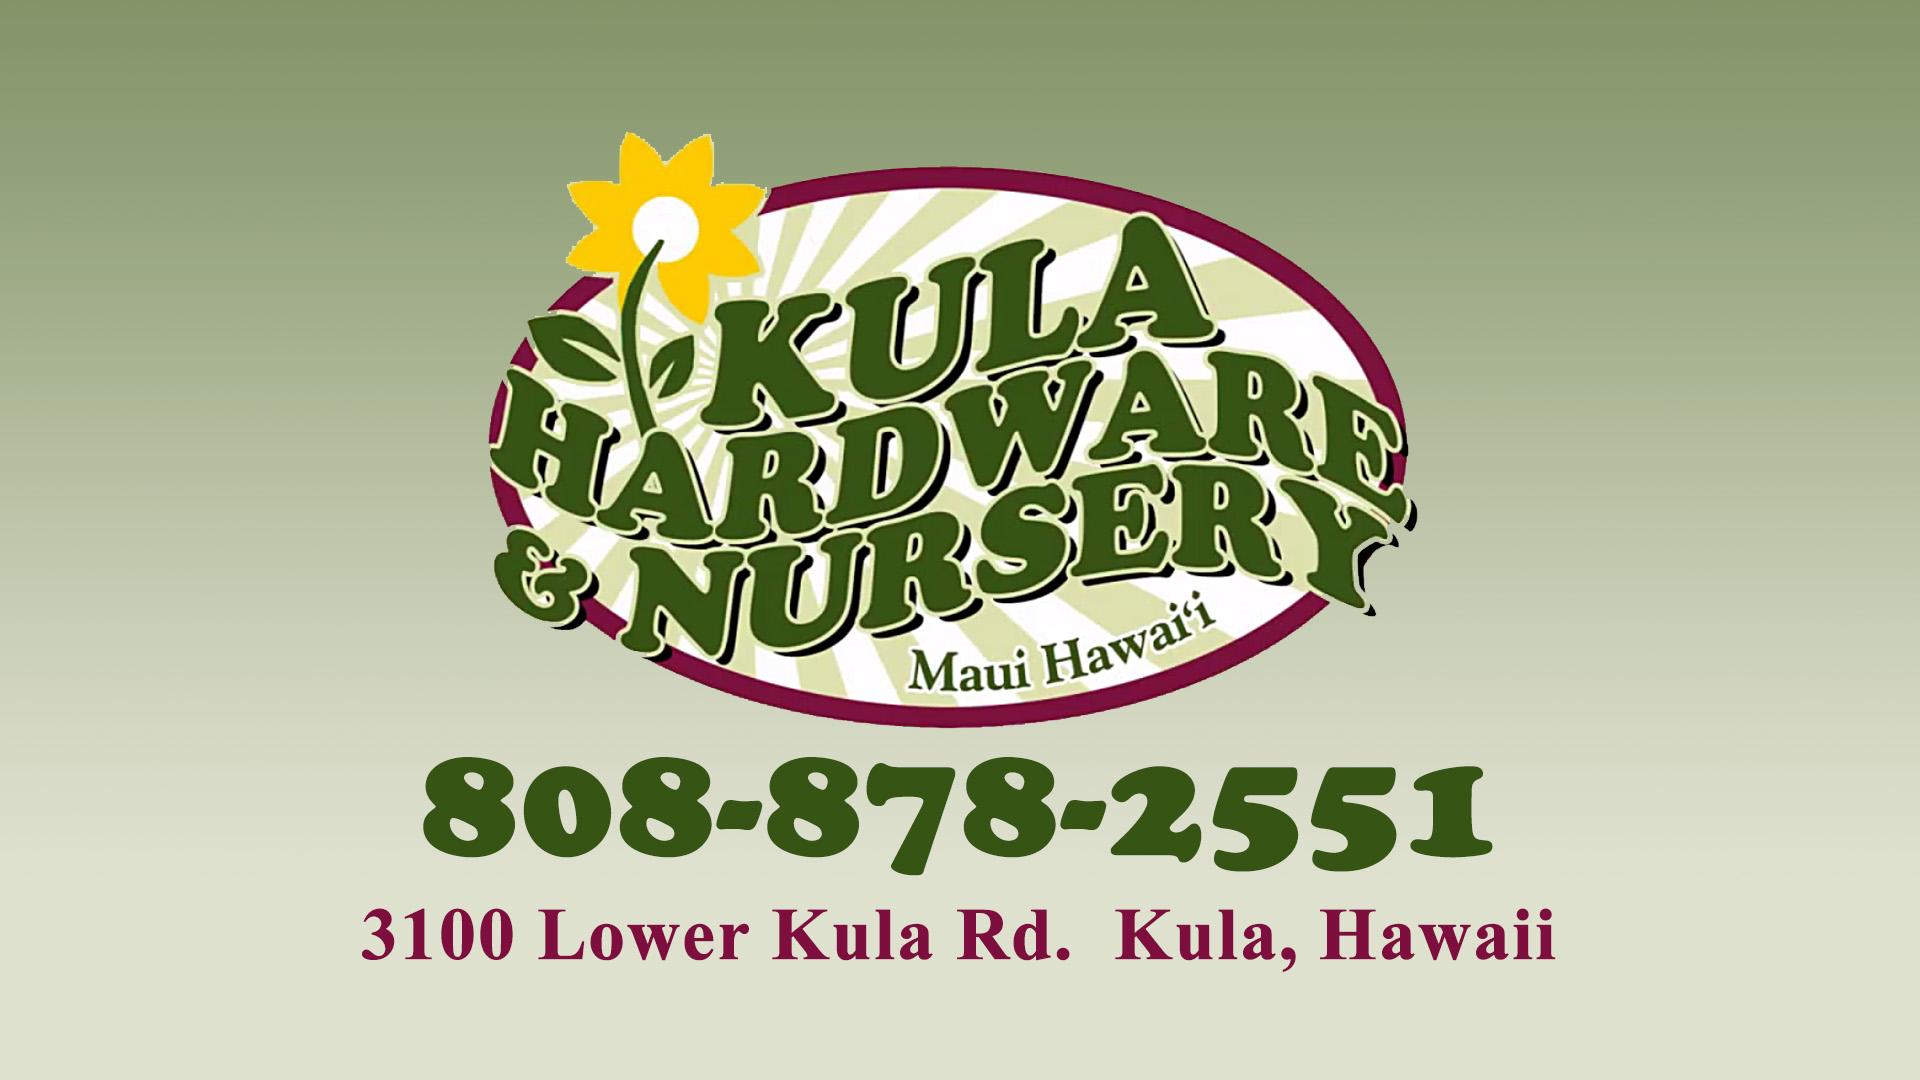 Kula Hardware